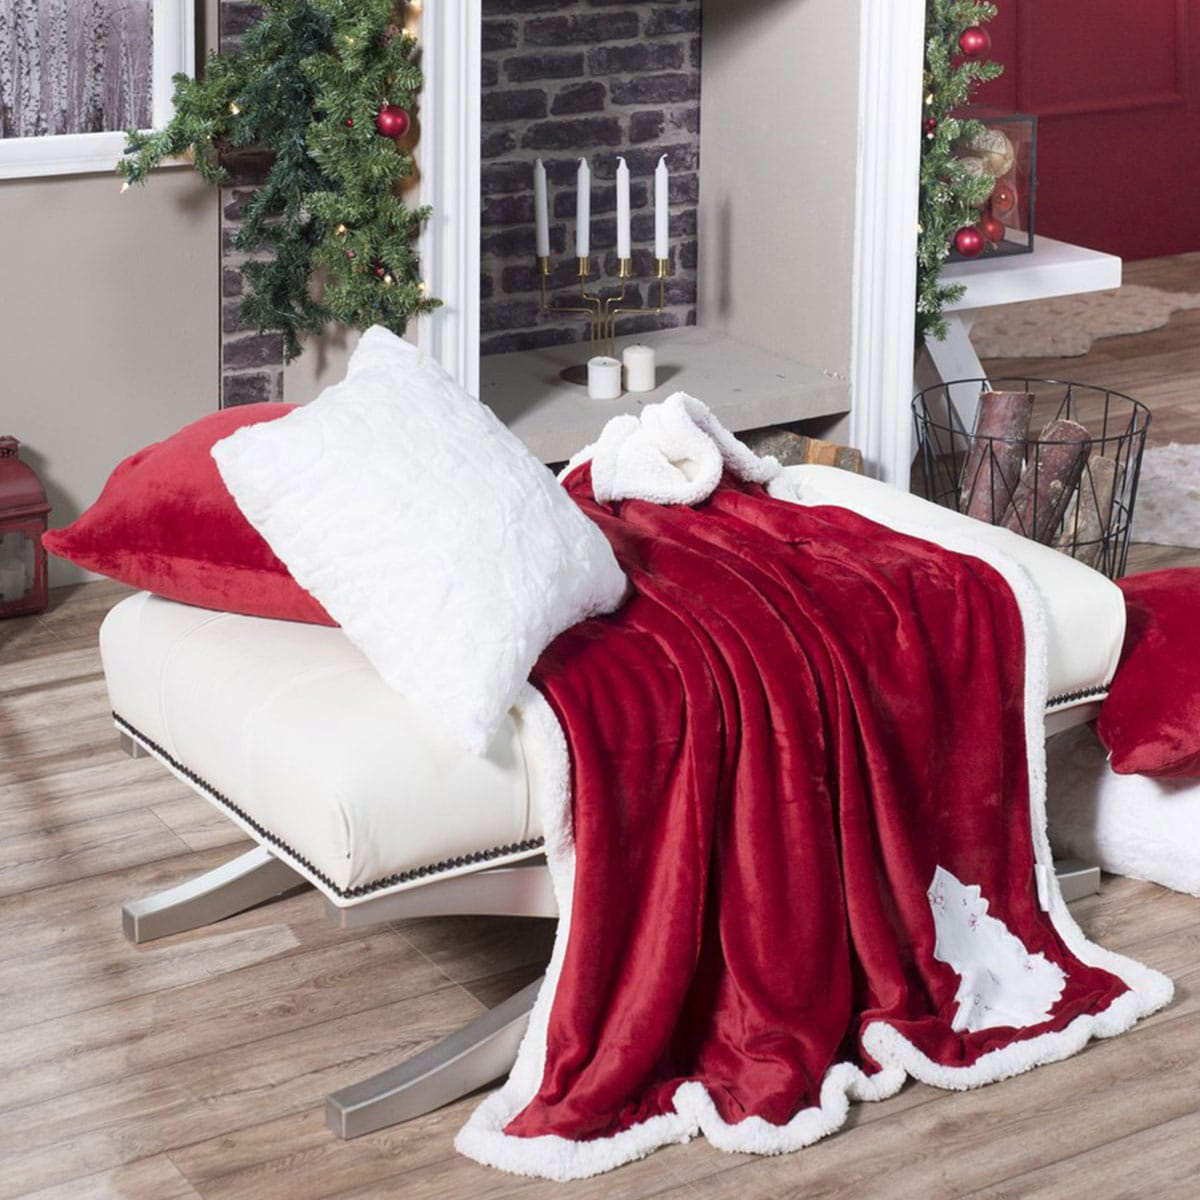 Κουβέρτα Καναπέ Χριστουγεννιάτικη Red Tree Red-White Teoran 150X180 130x160cm